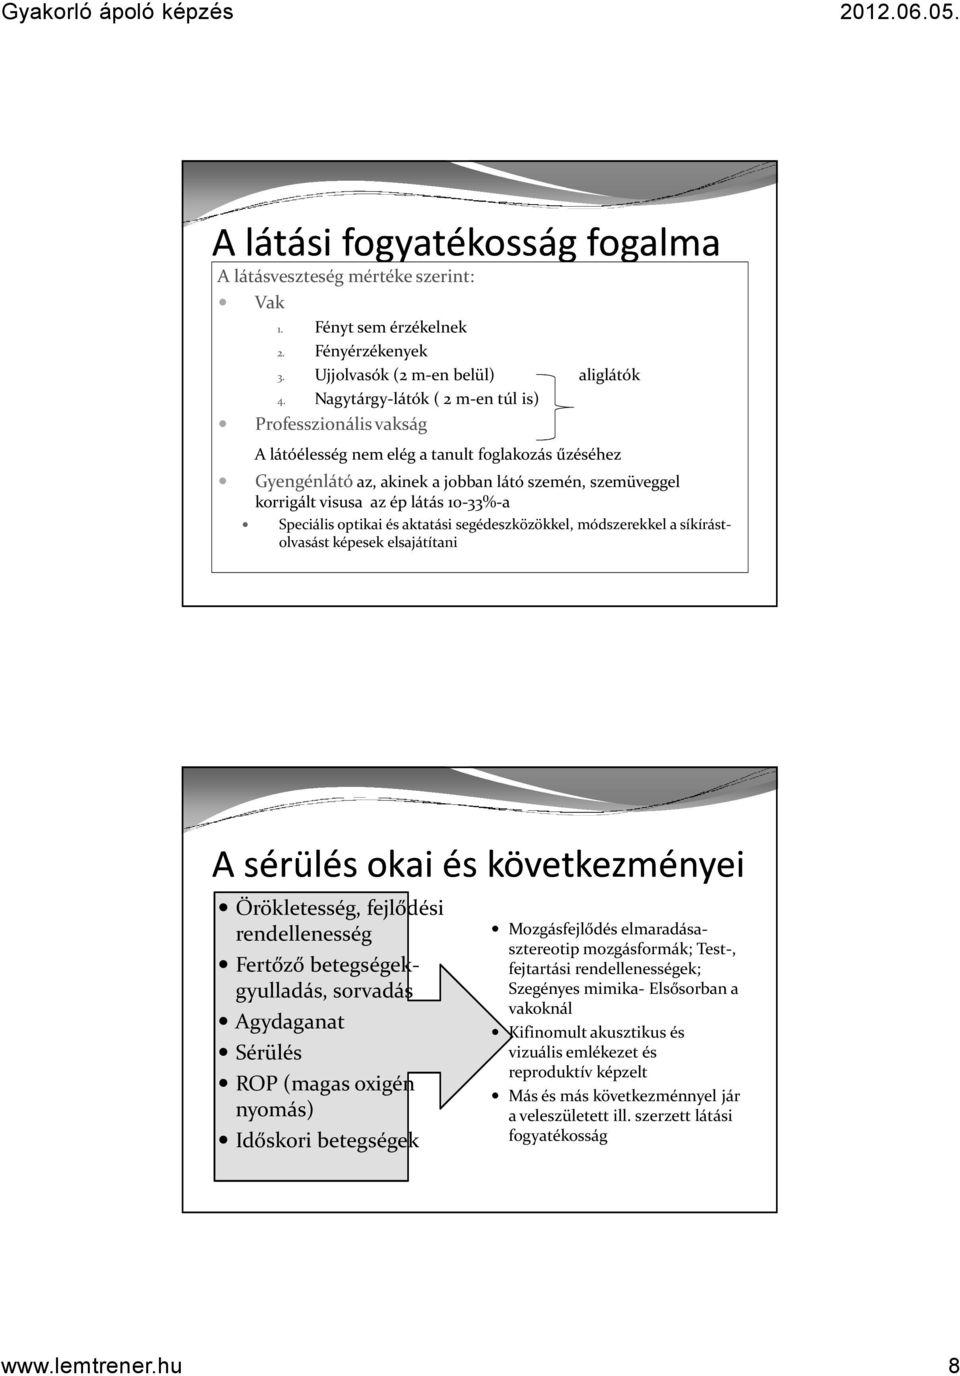 magas vérnyomás 2 fok milyen fogyatékosság lehetséges)